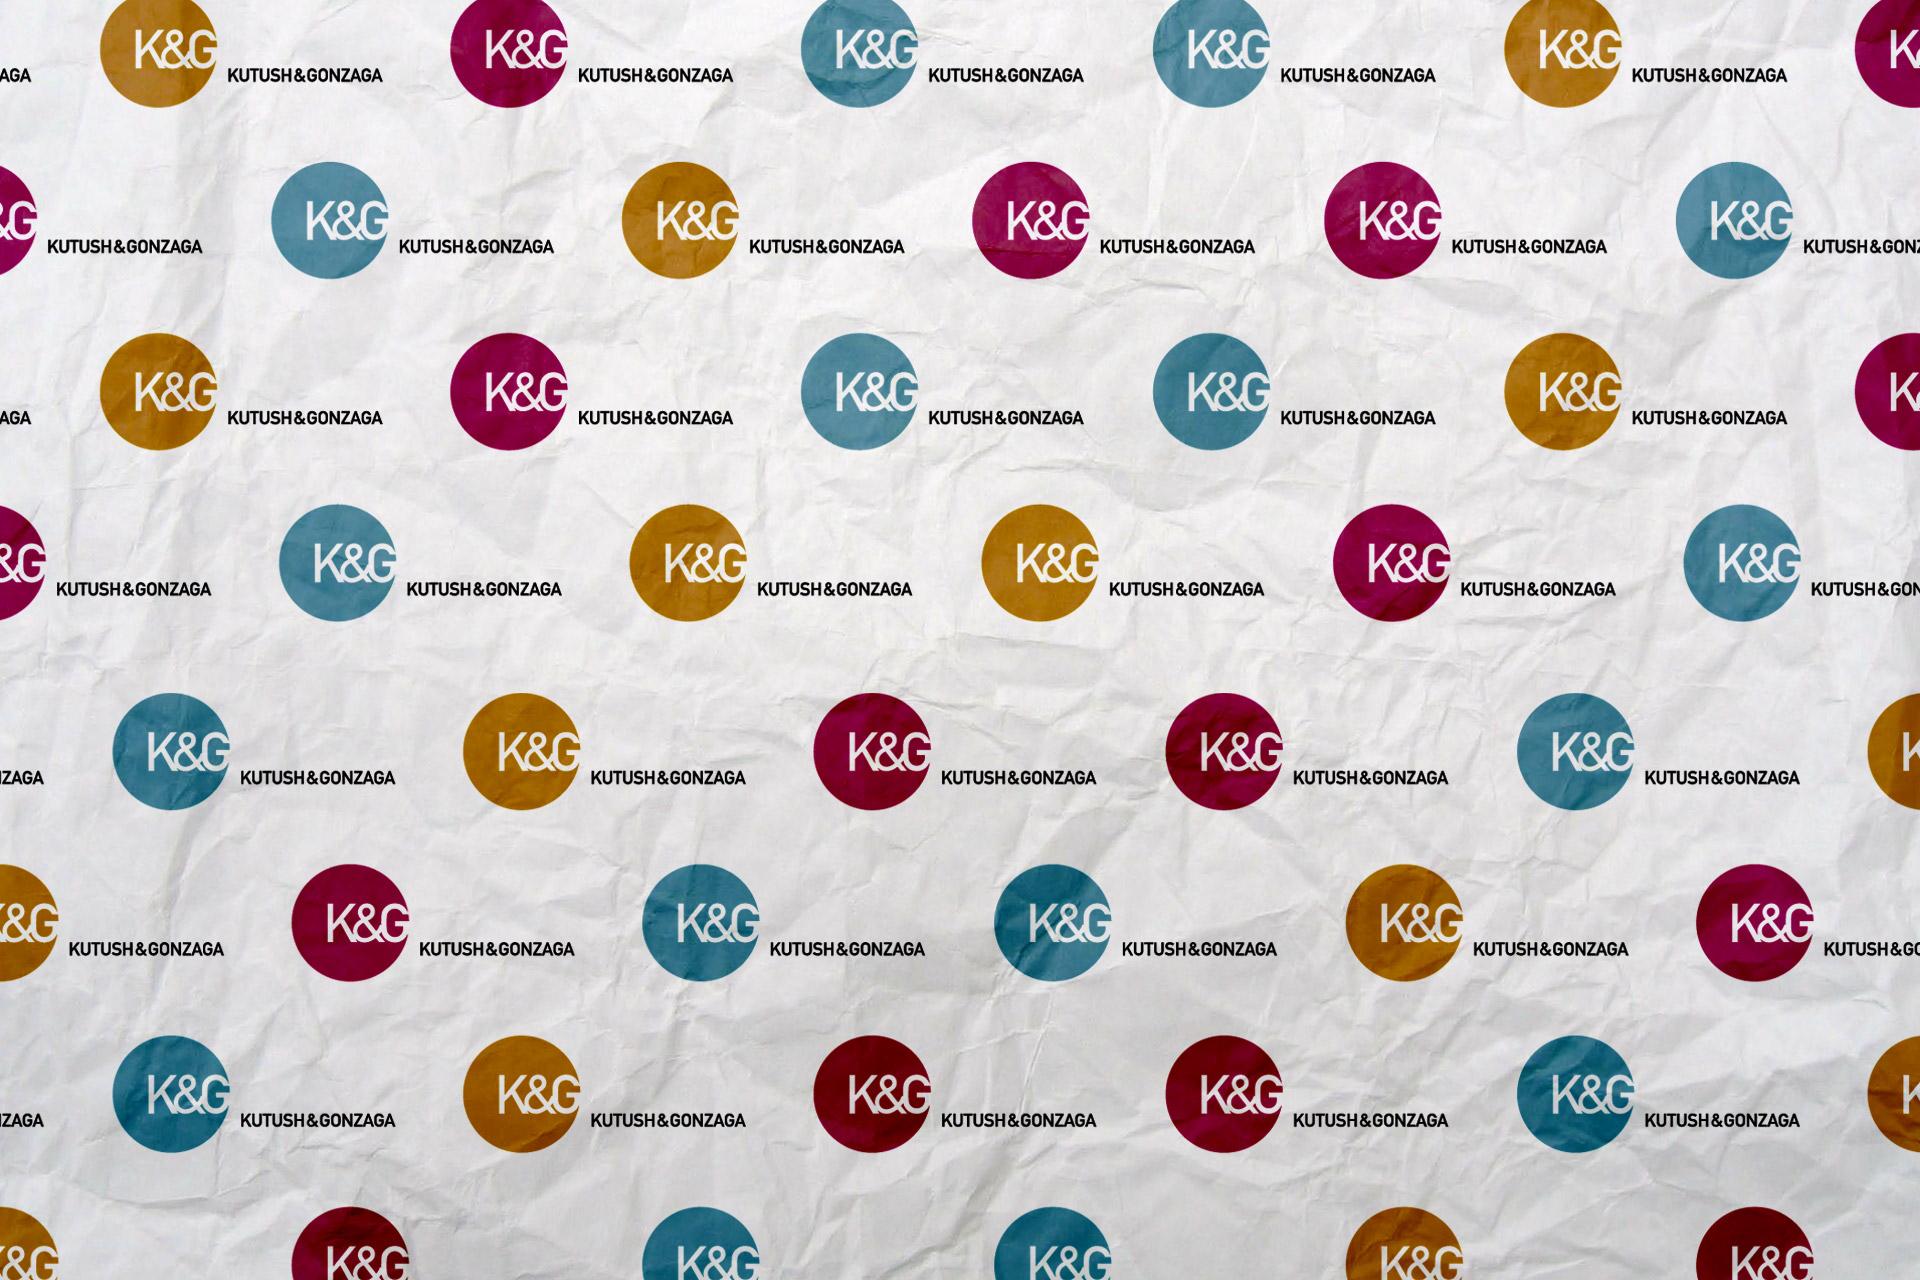 Асгард Брендинг, фирменный стиль, айдентика, лого, K&G, Kutush & Gonzaga, дизайн, графический дизайн, дизайн упаковки, упаковка, брендинг магазина, реклама, ритейл, интернет-магазин, брендинг, корпоративный стиль